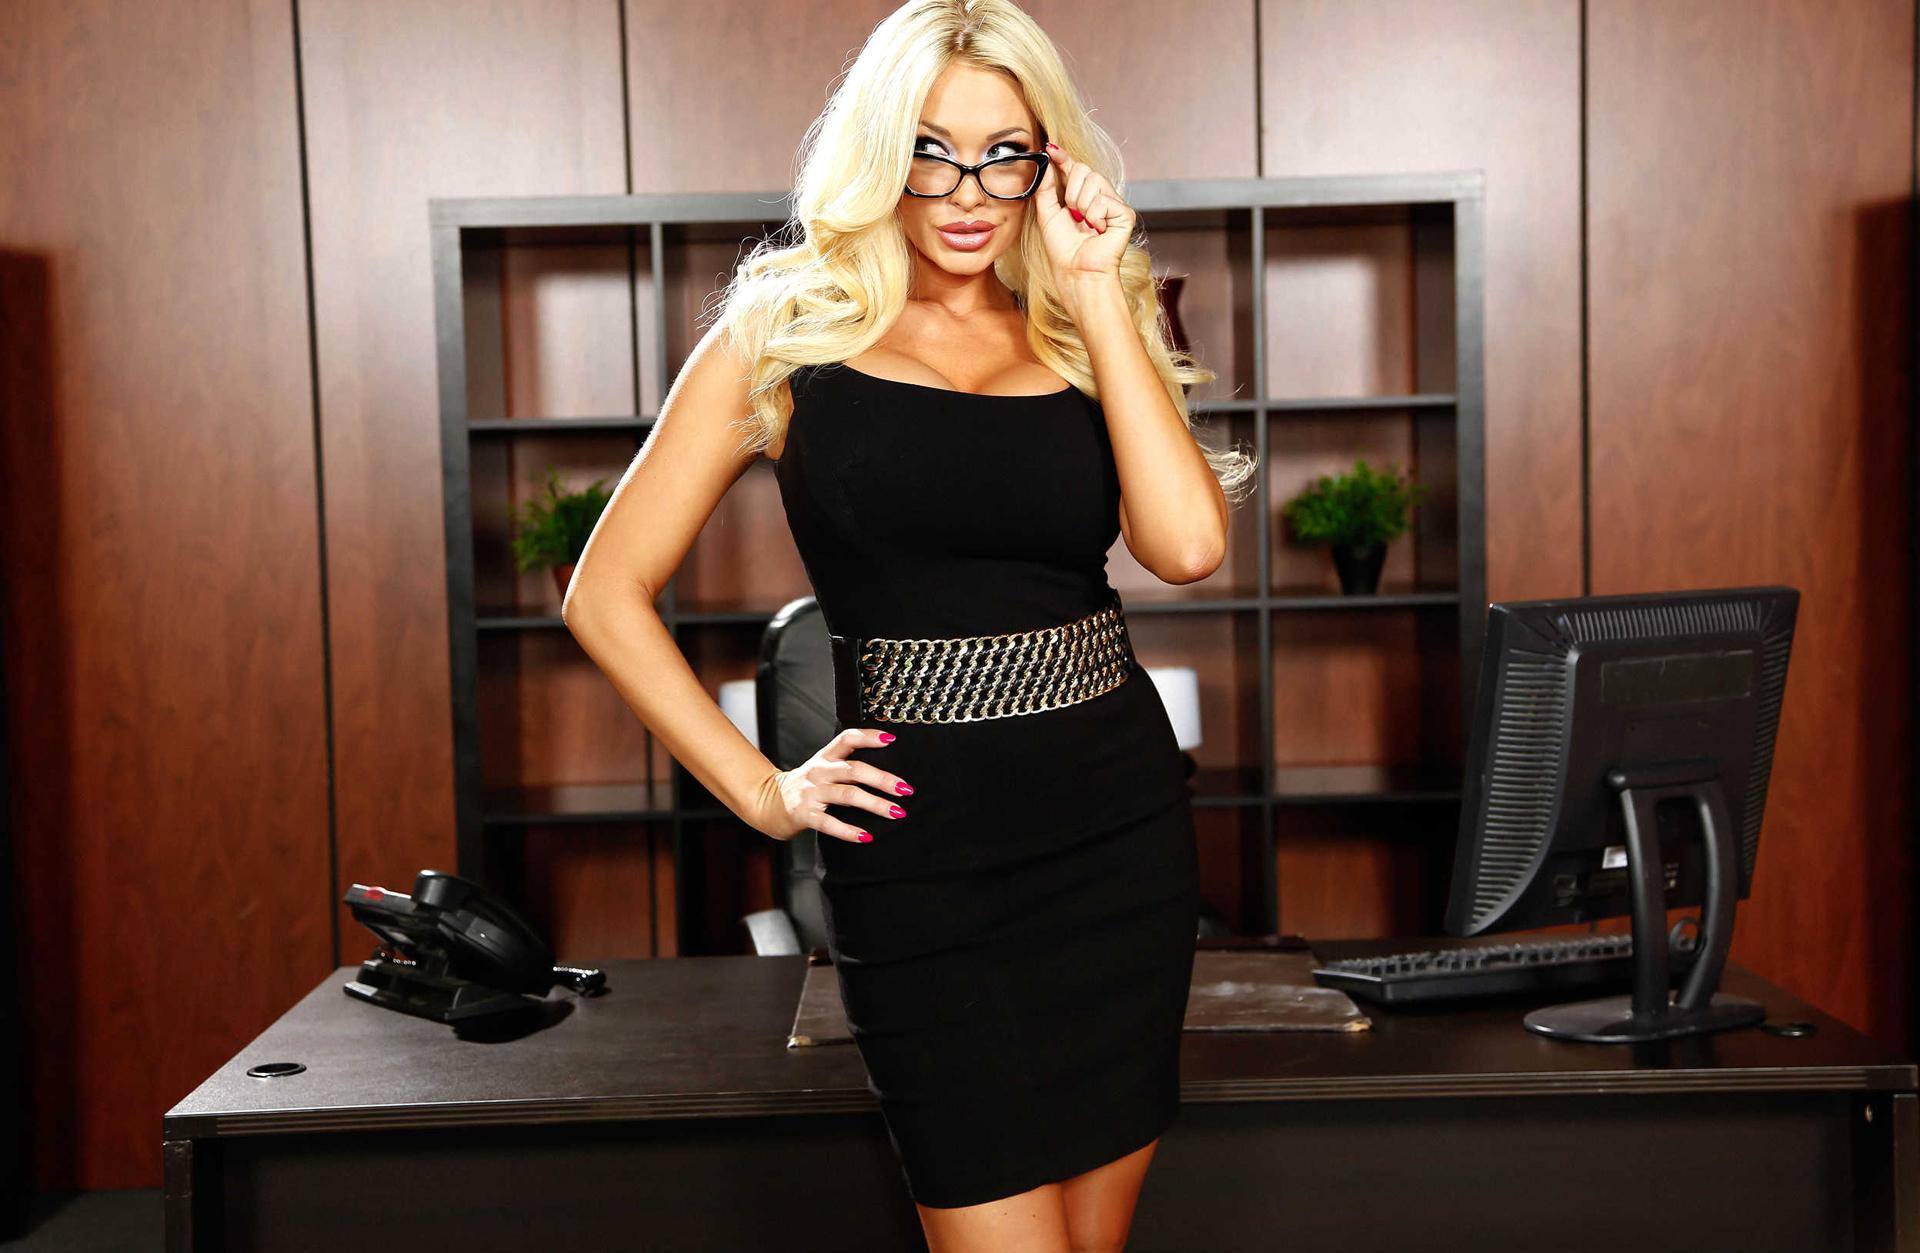 Фото красивых девушек блондинок в офисе #2